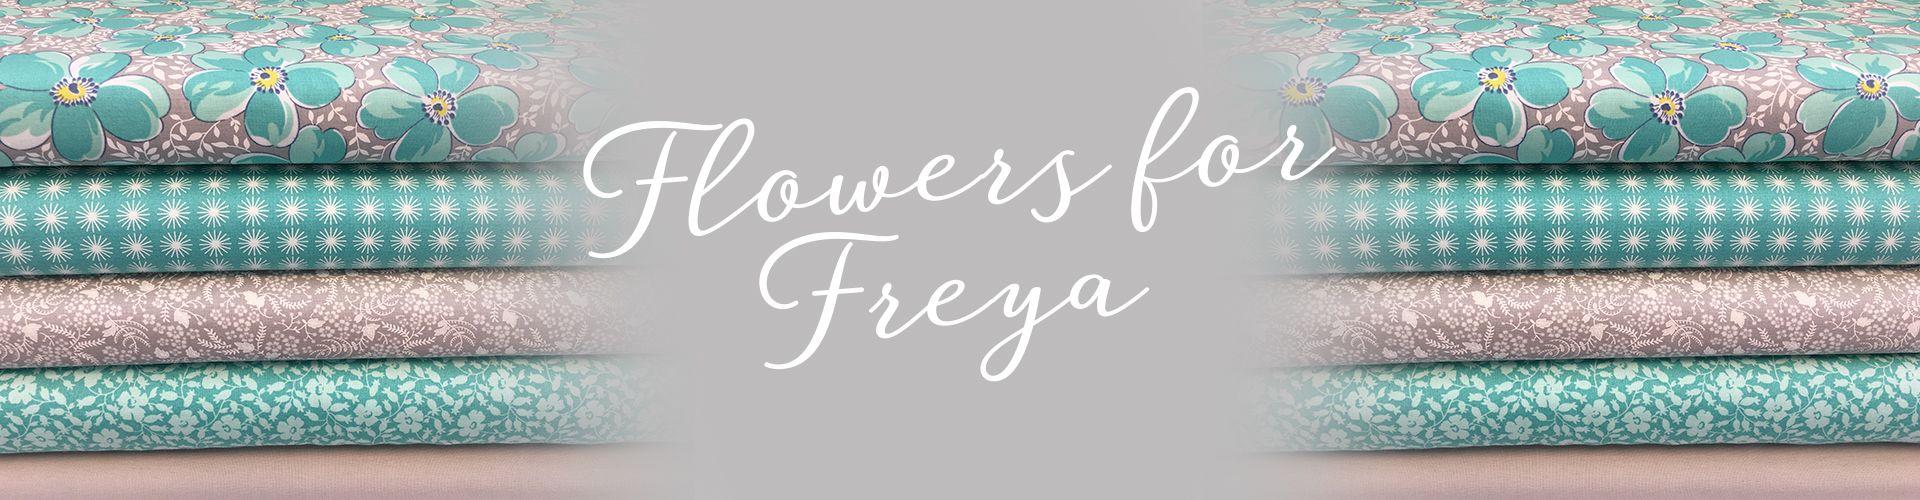 quiltestæsj-1920x500- Flowers for Freya